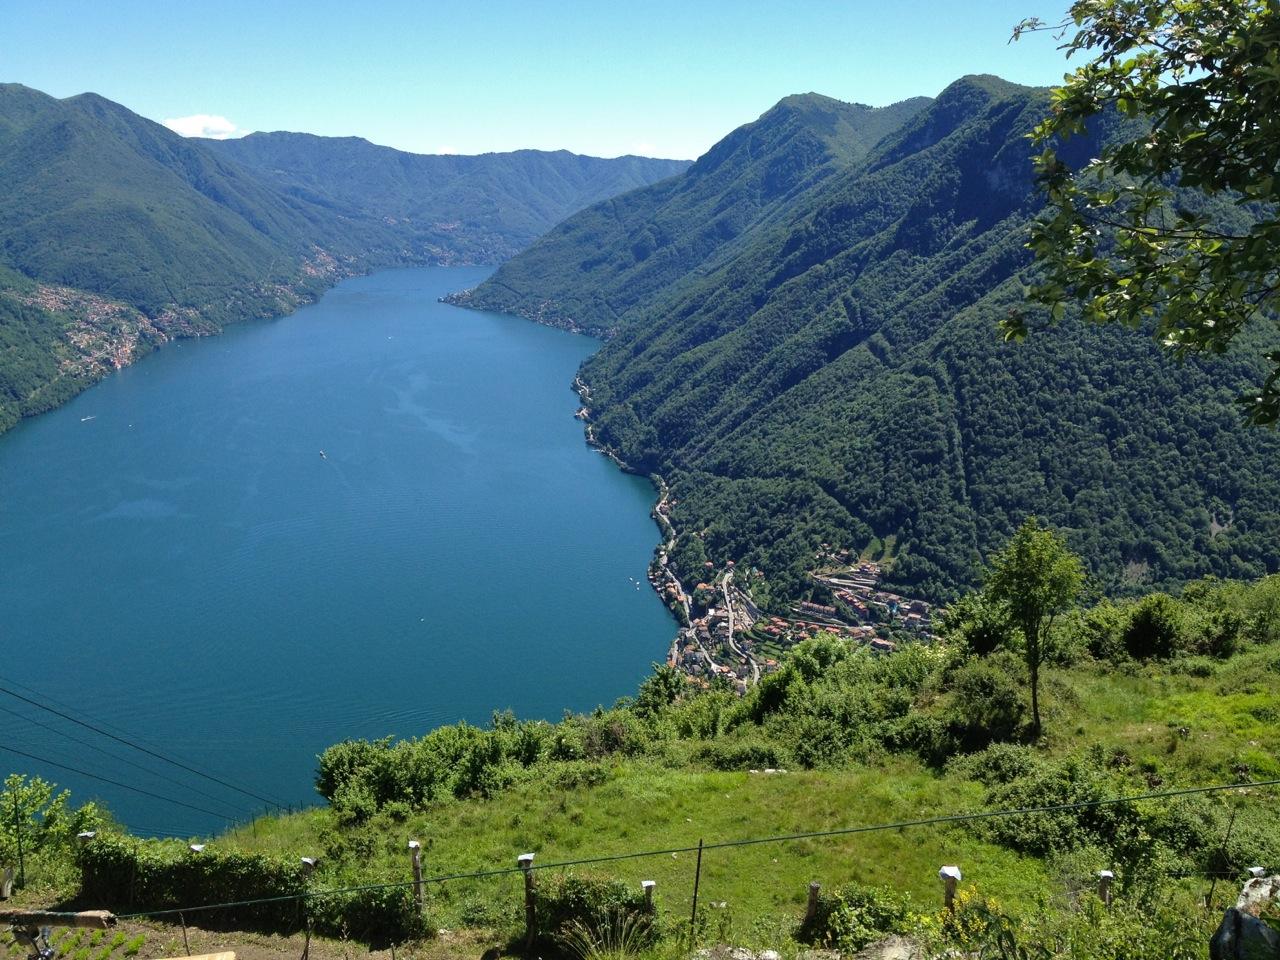 Sul lago di como la grotta pi lunga d 39 italia grazie allo for Disegni casa sul lago con vista sul lago